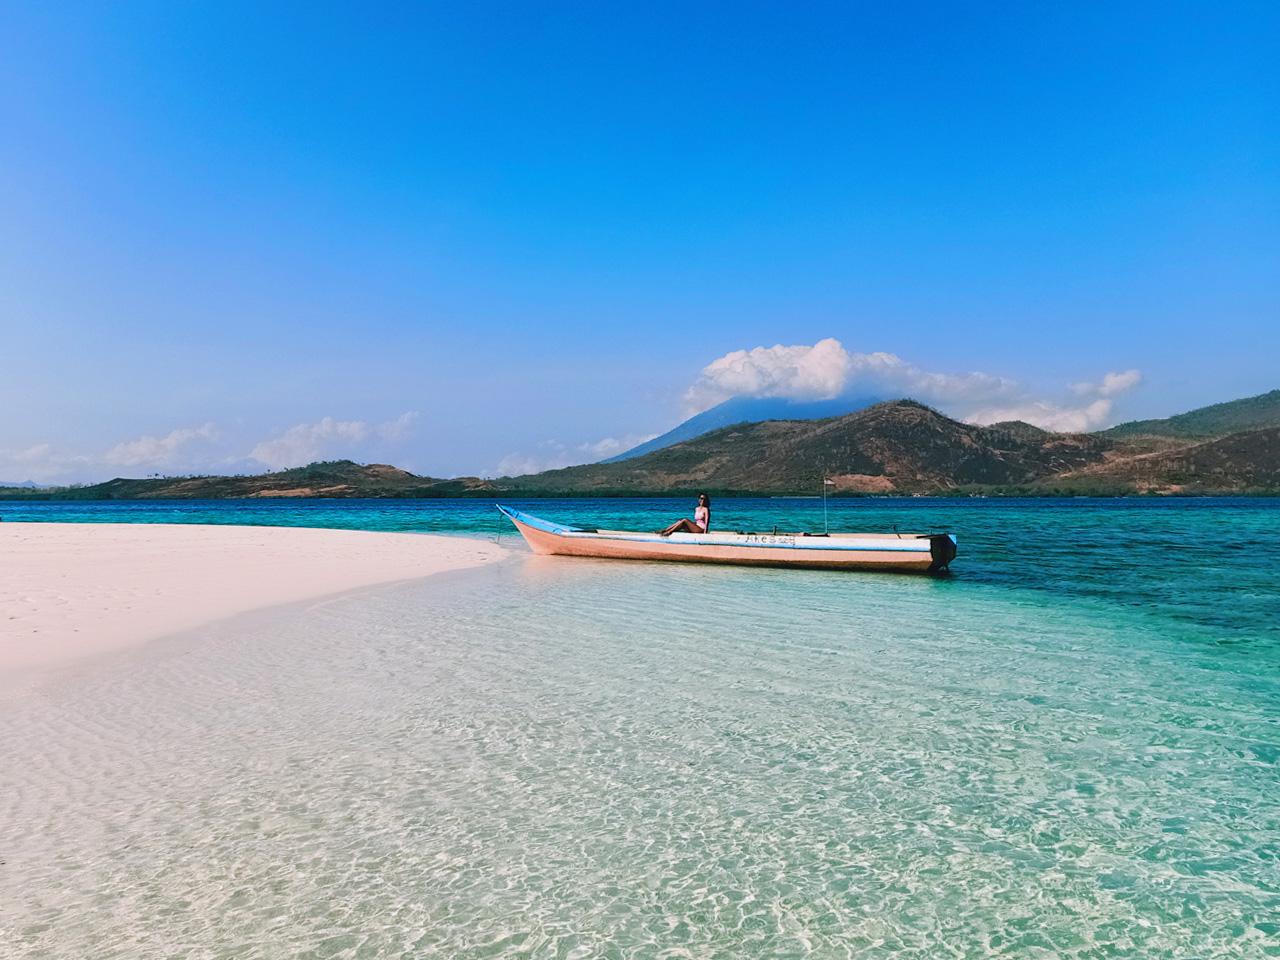 Pulau Mekko dengan latar belakang Ile (Gunung) Boleng di Pulau Adonara